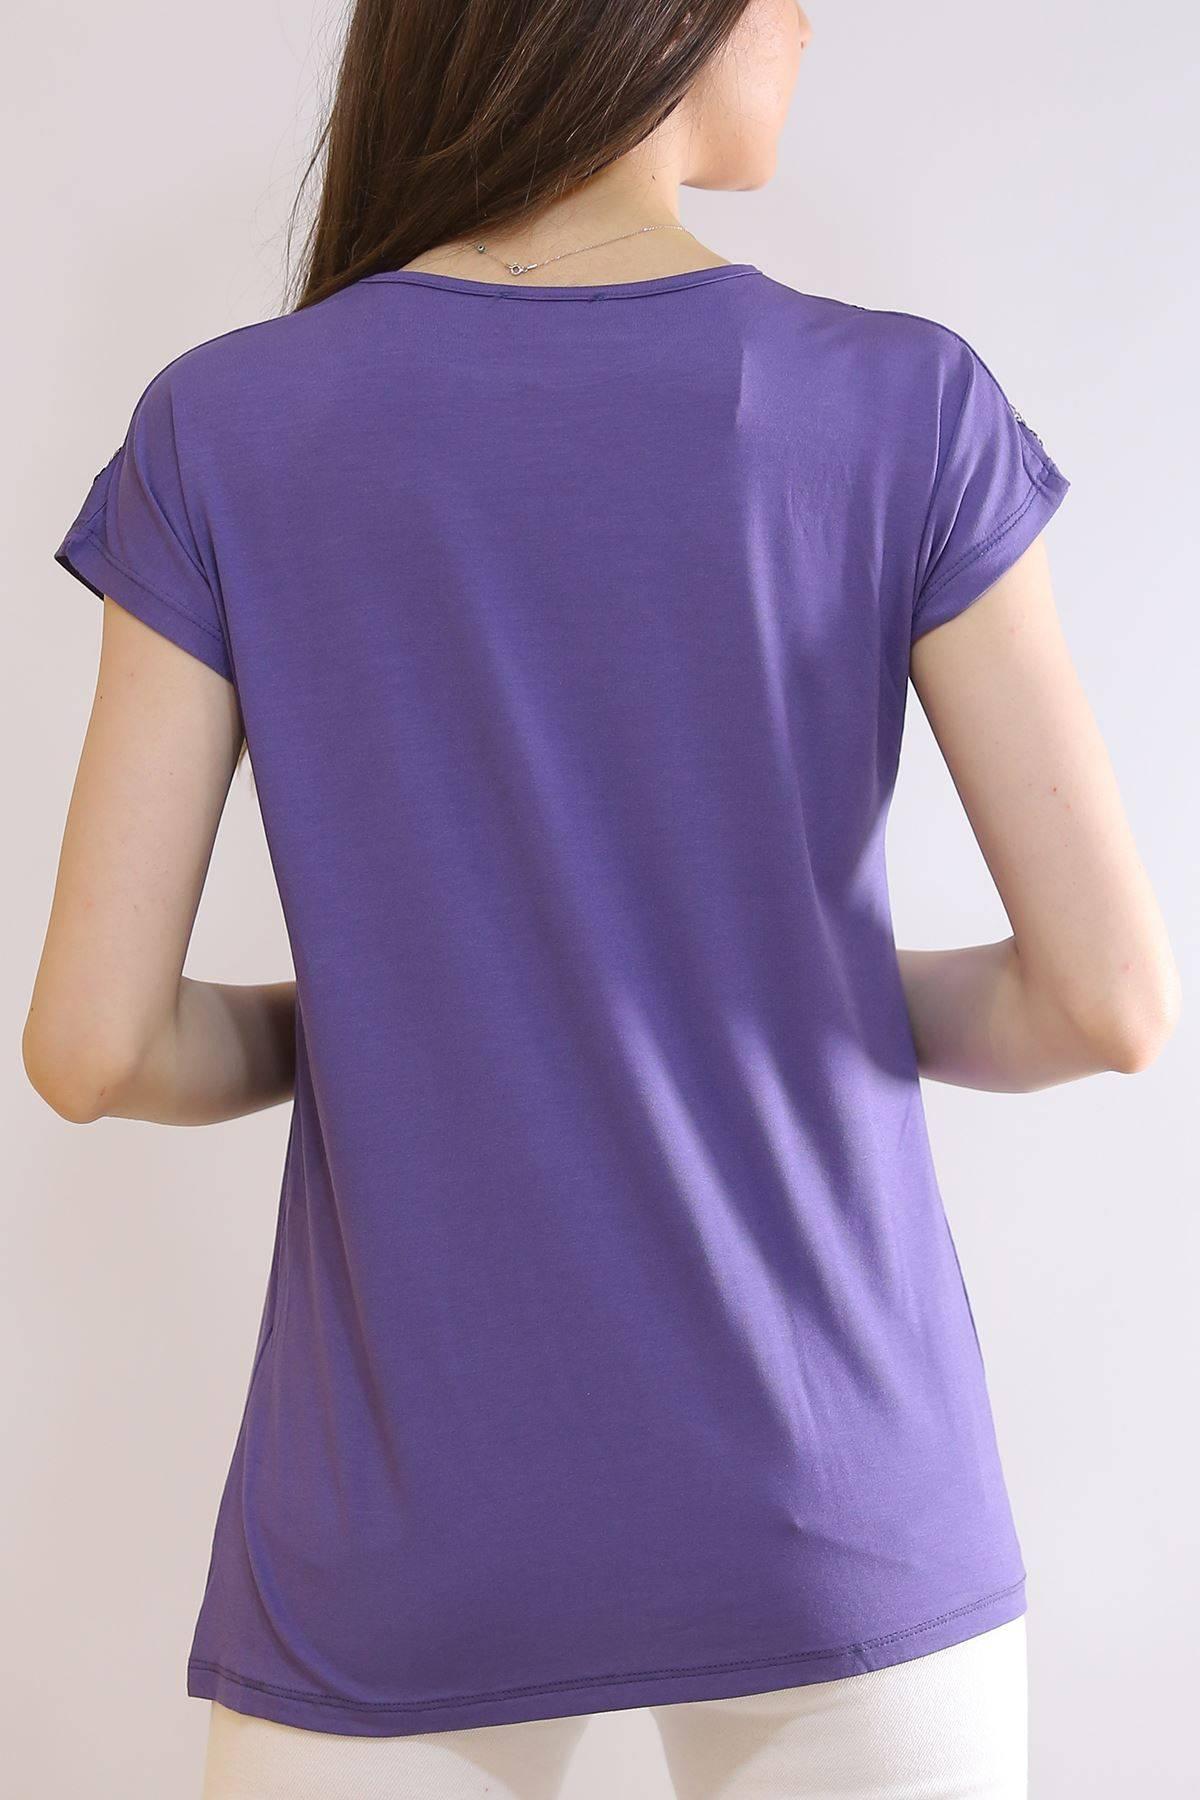 Omuz Pullu Tişört İndigo - 5360.139.